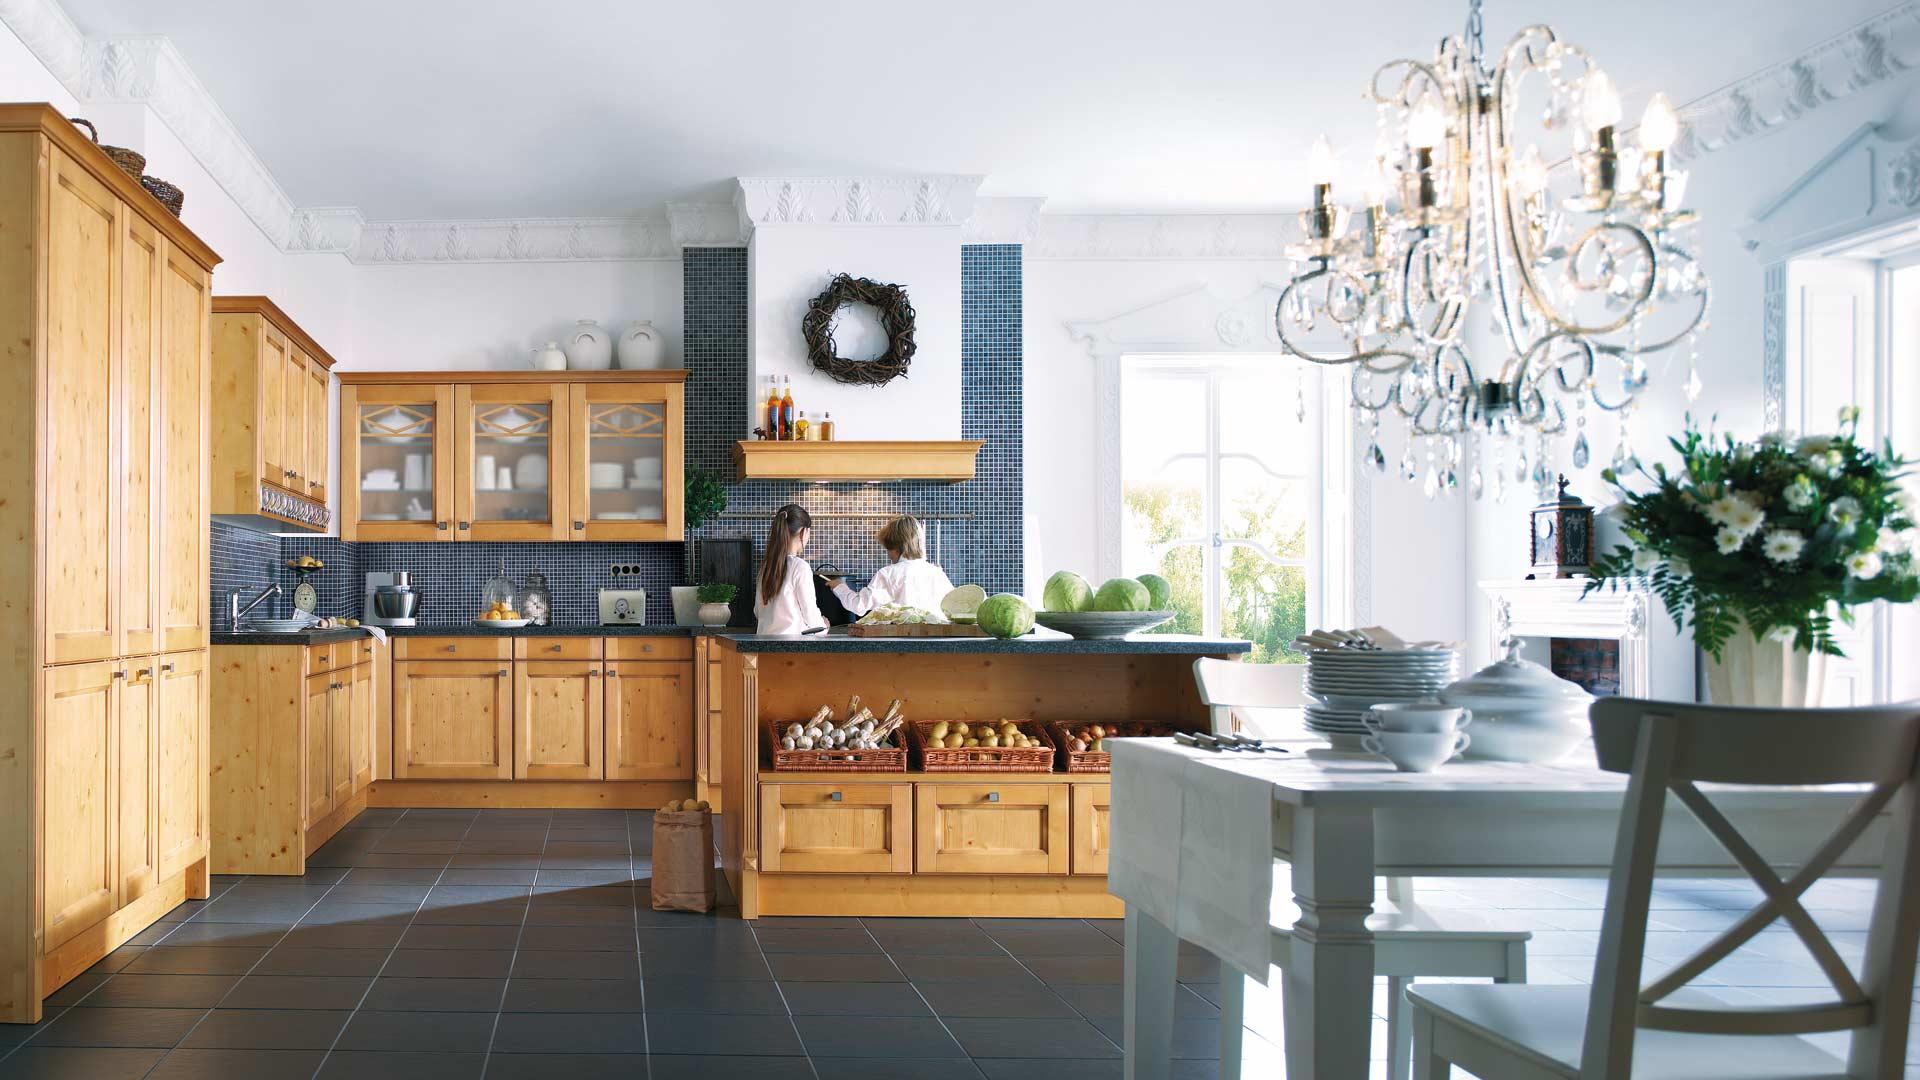 Küchenstudio Nürnberg tauern in lauf nahe nürnberg neubigs küchenstudio